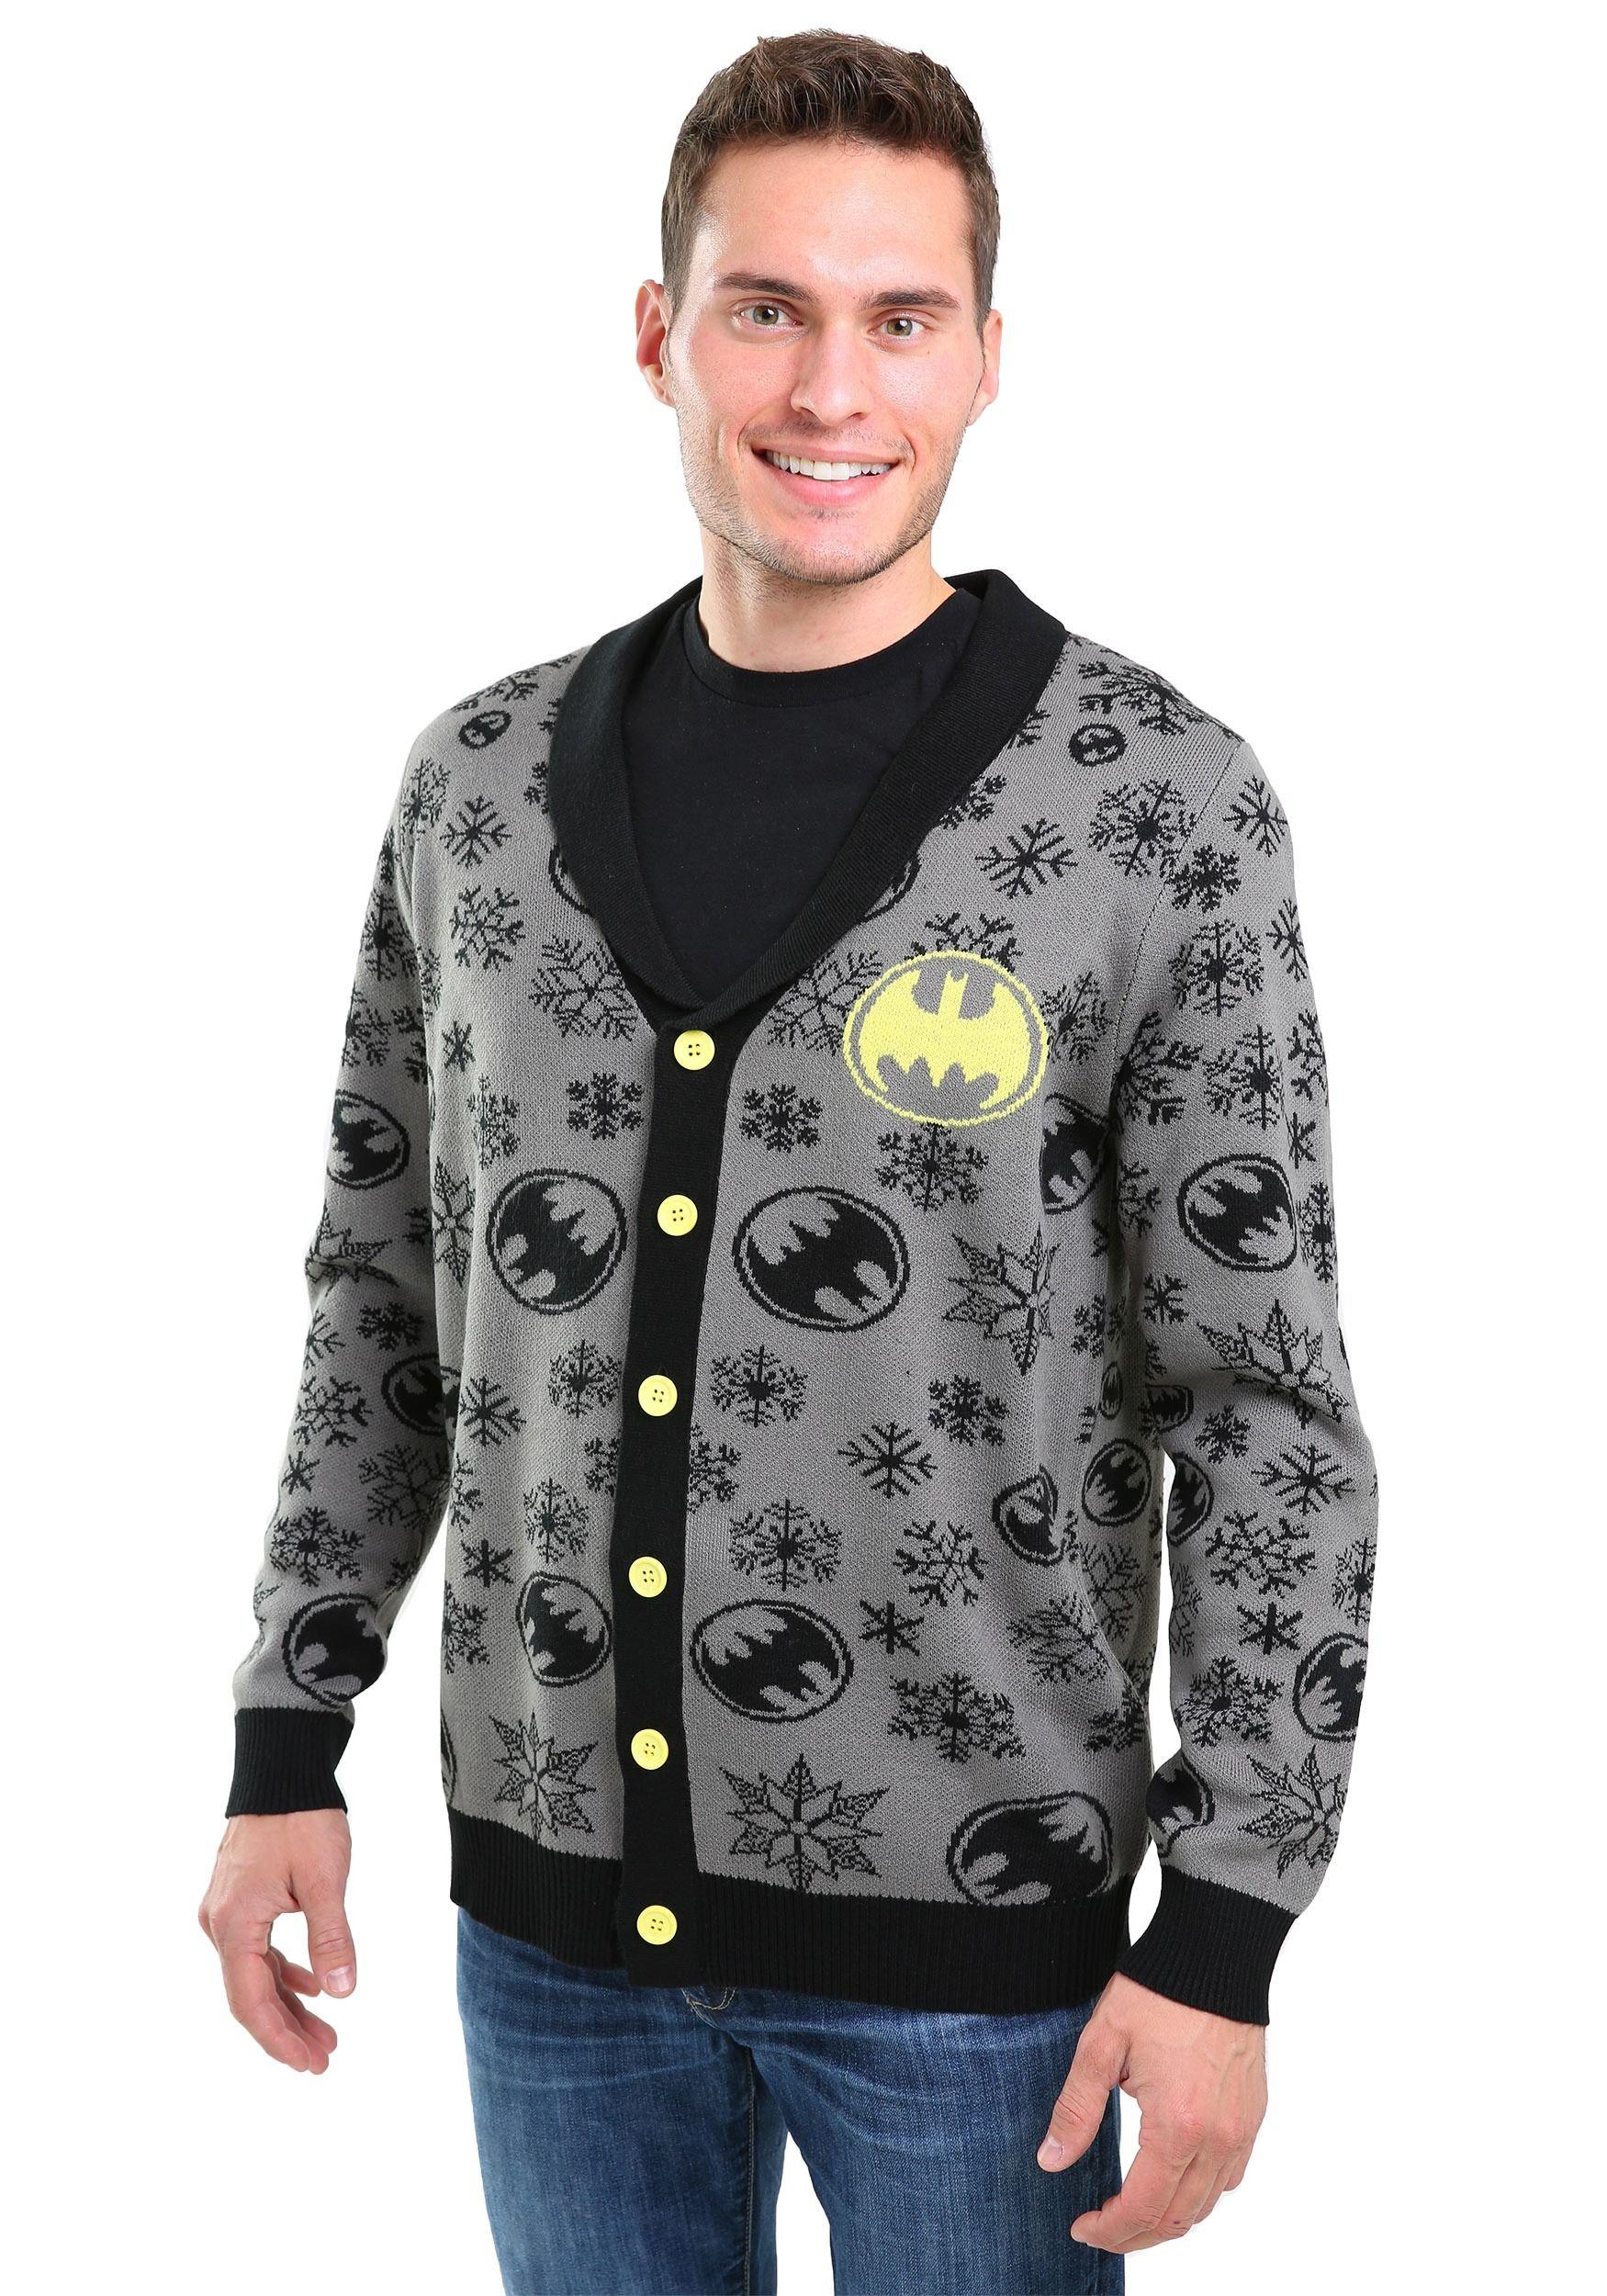 ปักพินในบอร์ด Ugly Christmas Sweater Collection